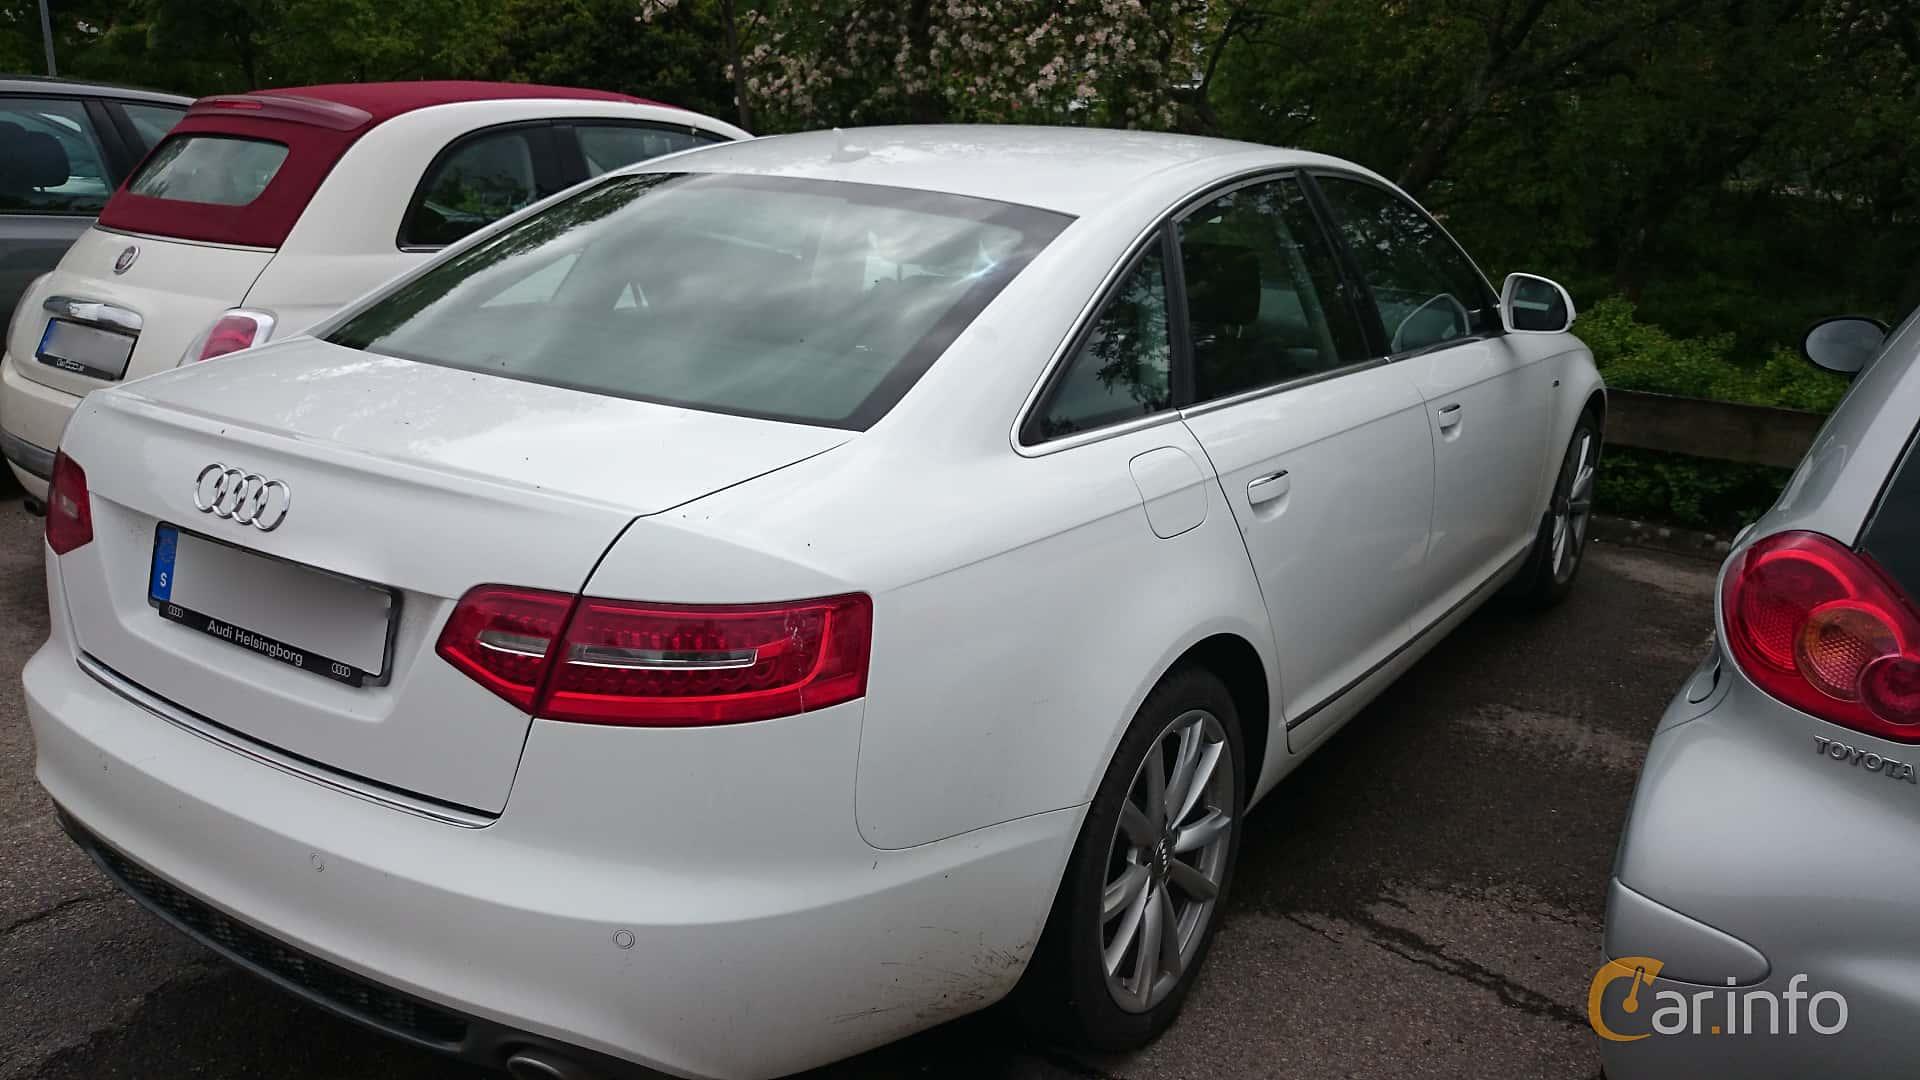 User images of Audi A6 Sedan 2010